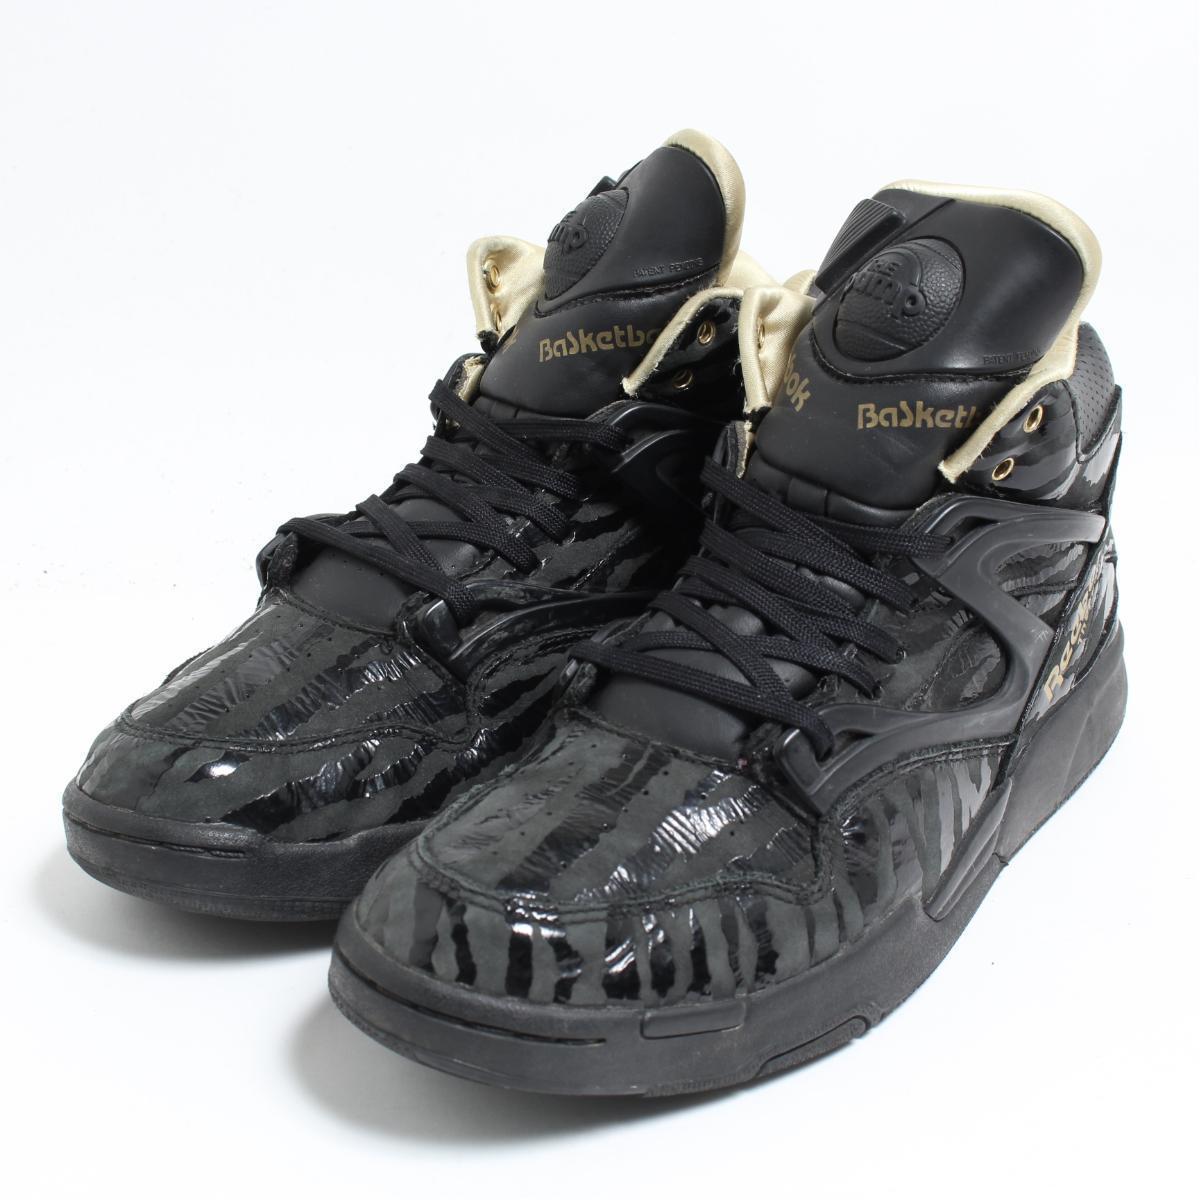 bca7af62c0aeea VINTAGE CLOTHING JAM  Reebok Reebok PUMP OMNI LITE tiger sneakers ...